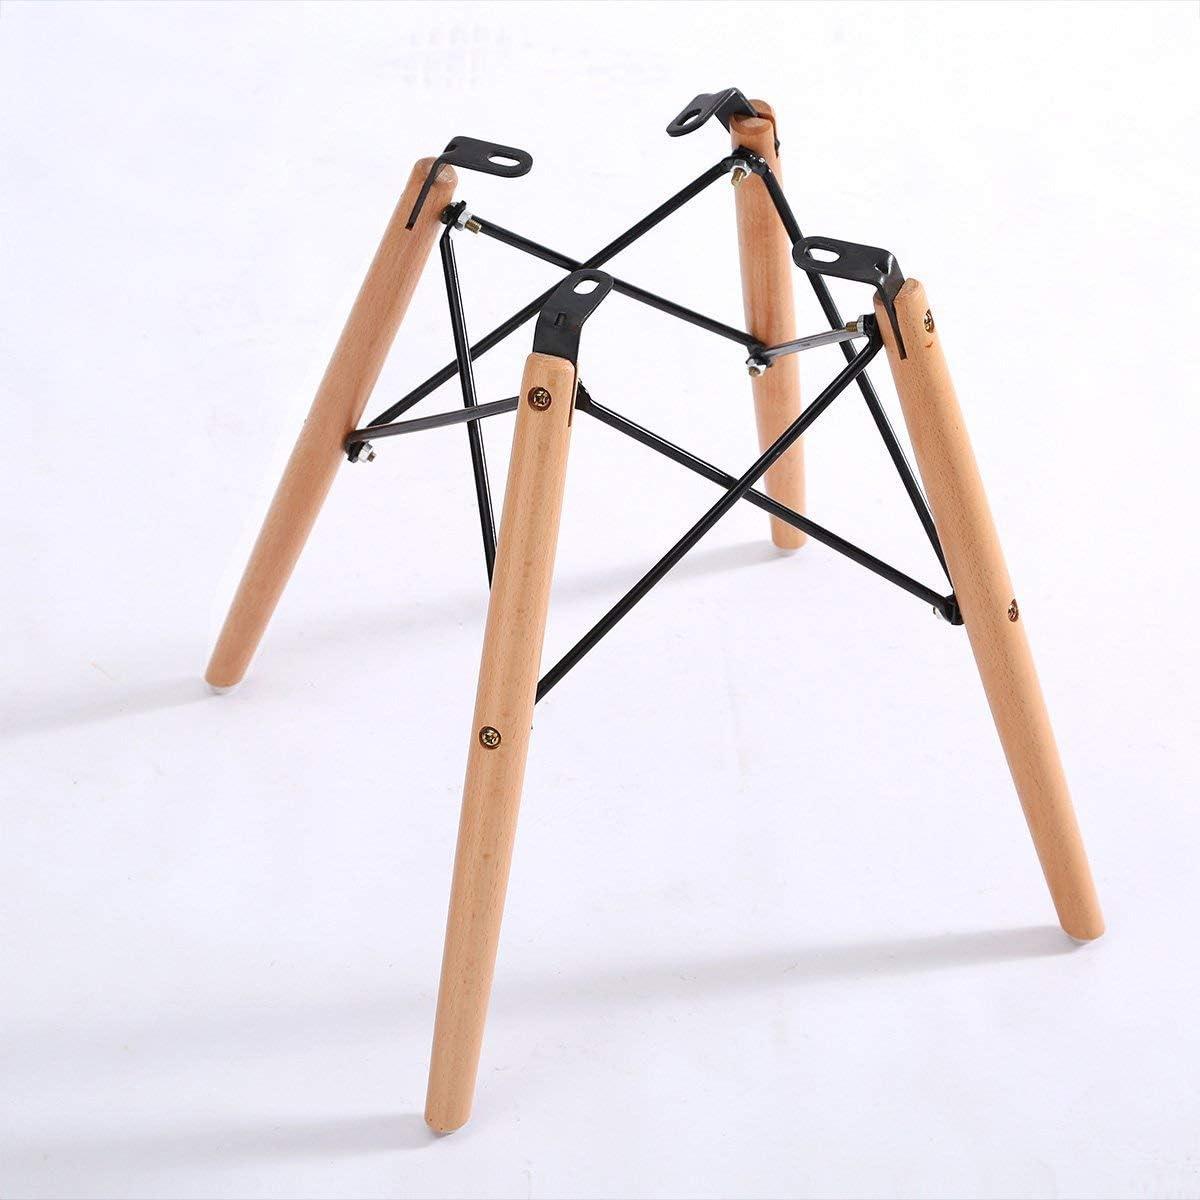 GY-C Chaises Bar minimaliste moderne en bois massif + tissu + fer forgé loisirs maison tabouret pratique Tabouret haut fbn/D C